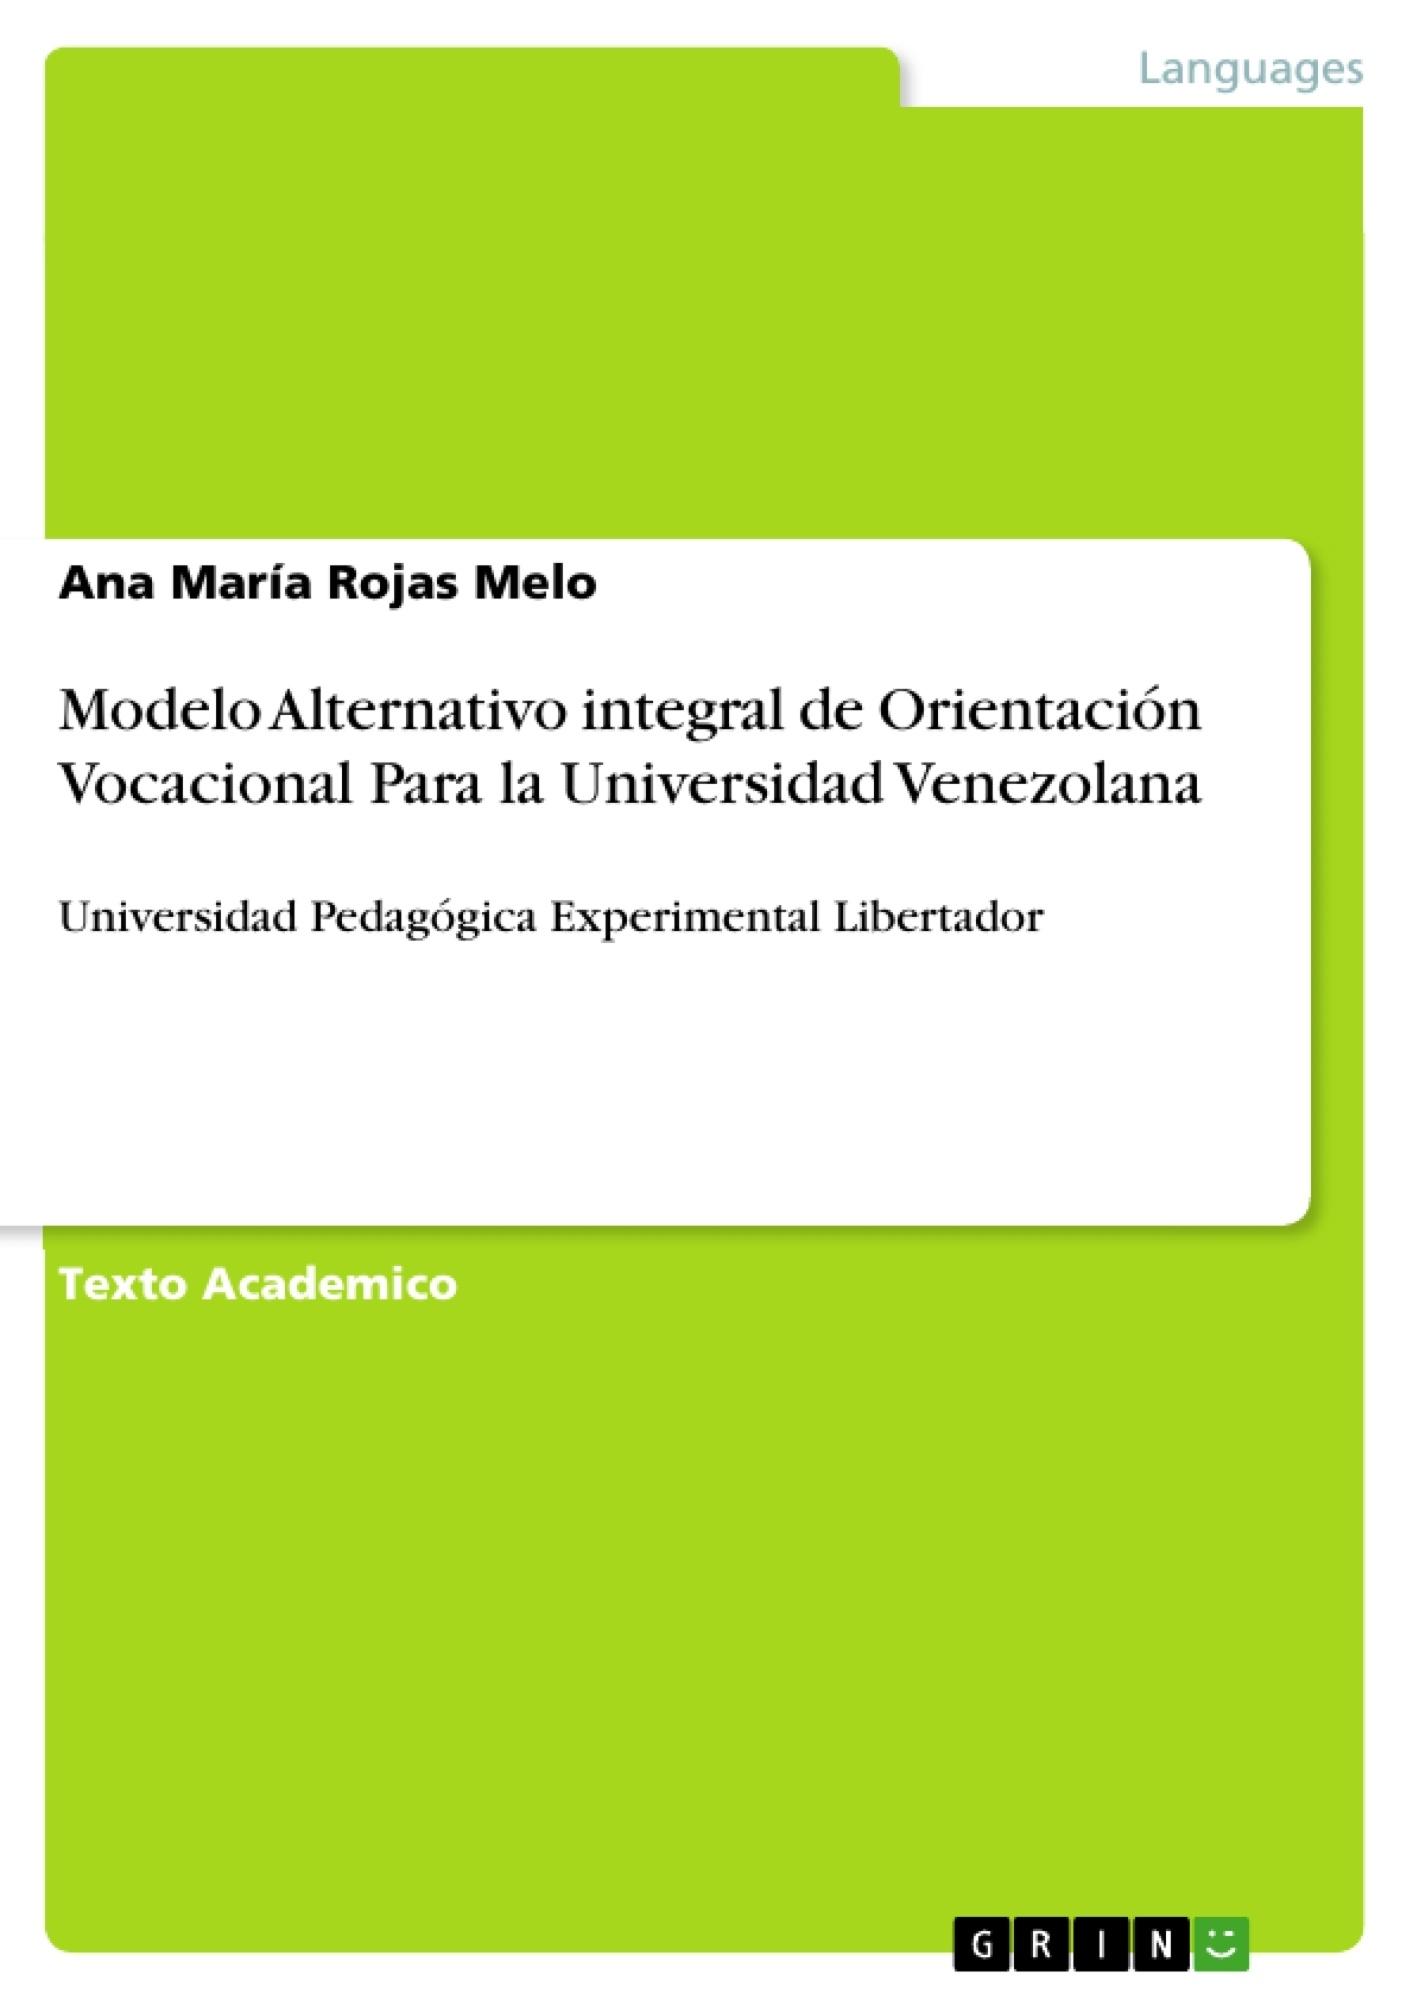 Título: Modelo Alternativo integral de Orientación Vocacional Para la Universidad Venezolana